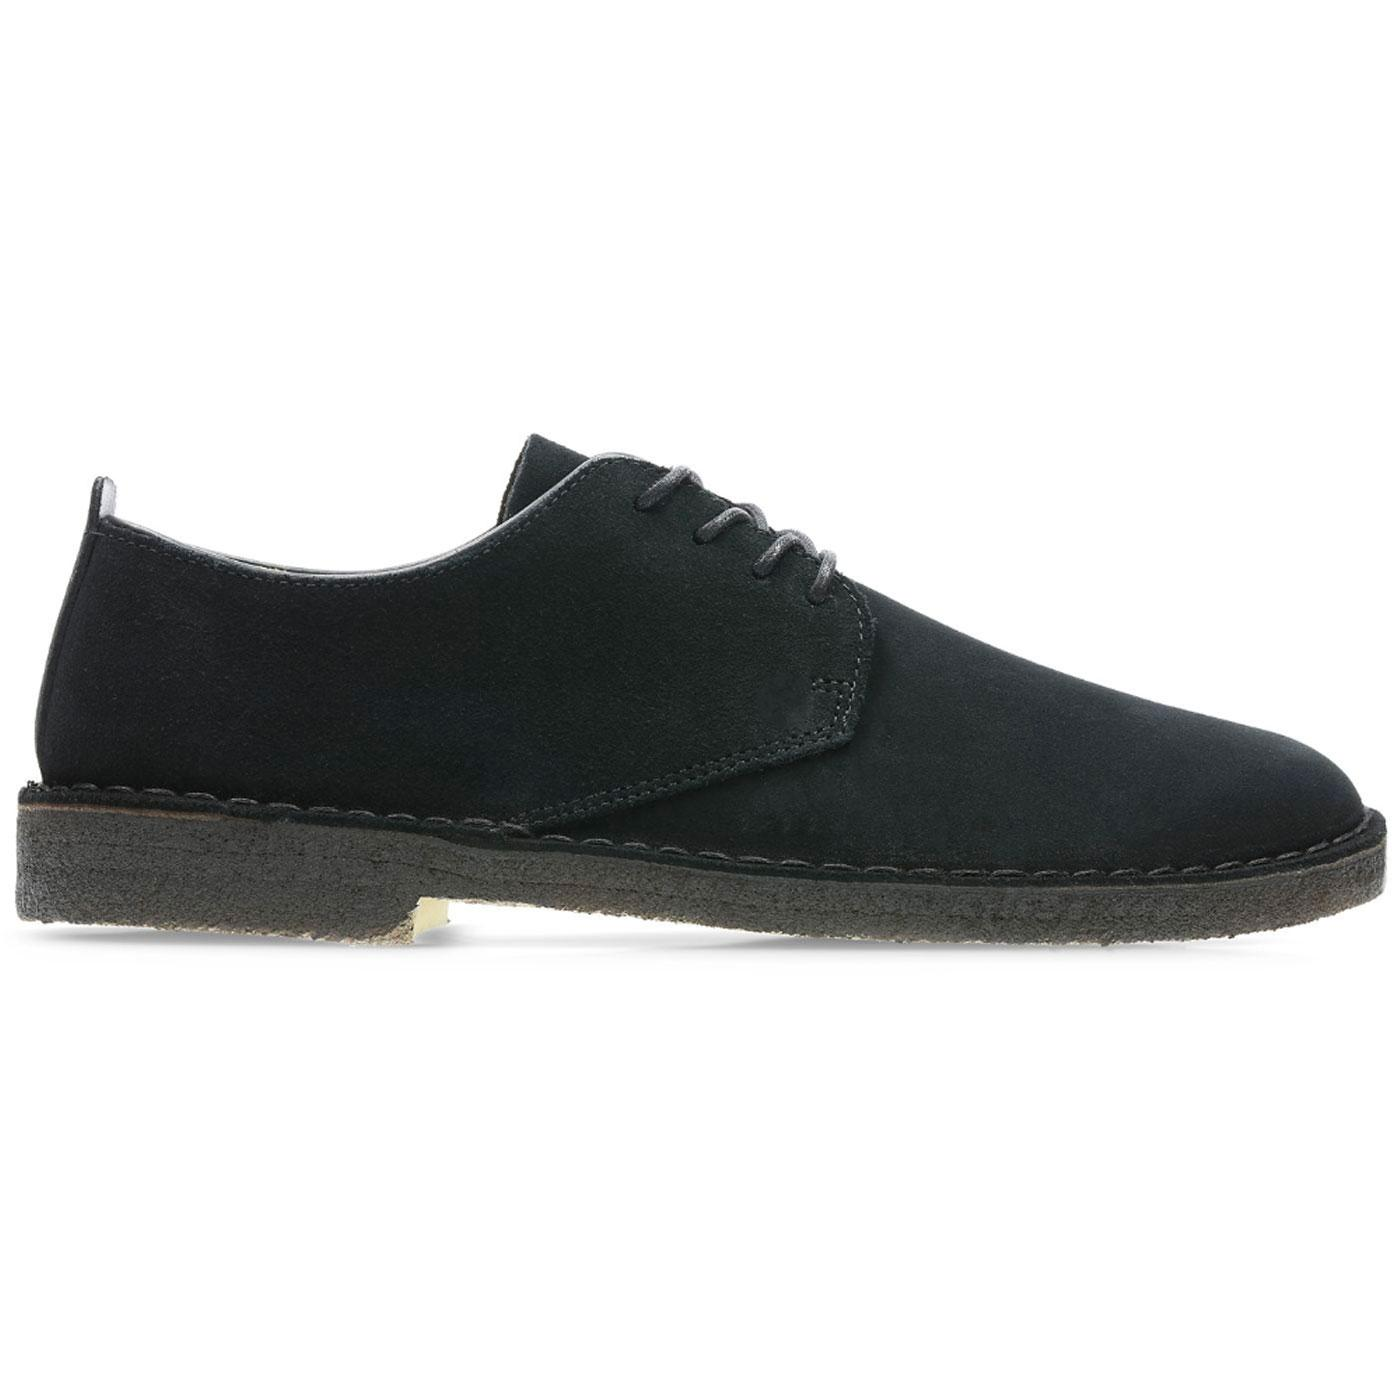 Desert London CLARKS ORIGINALS Mod Suede Shoes (B)